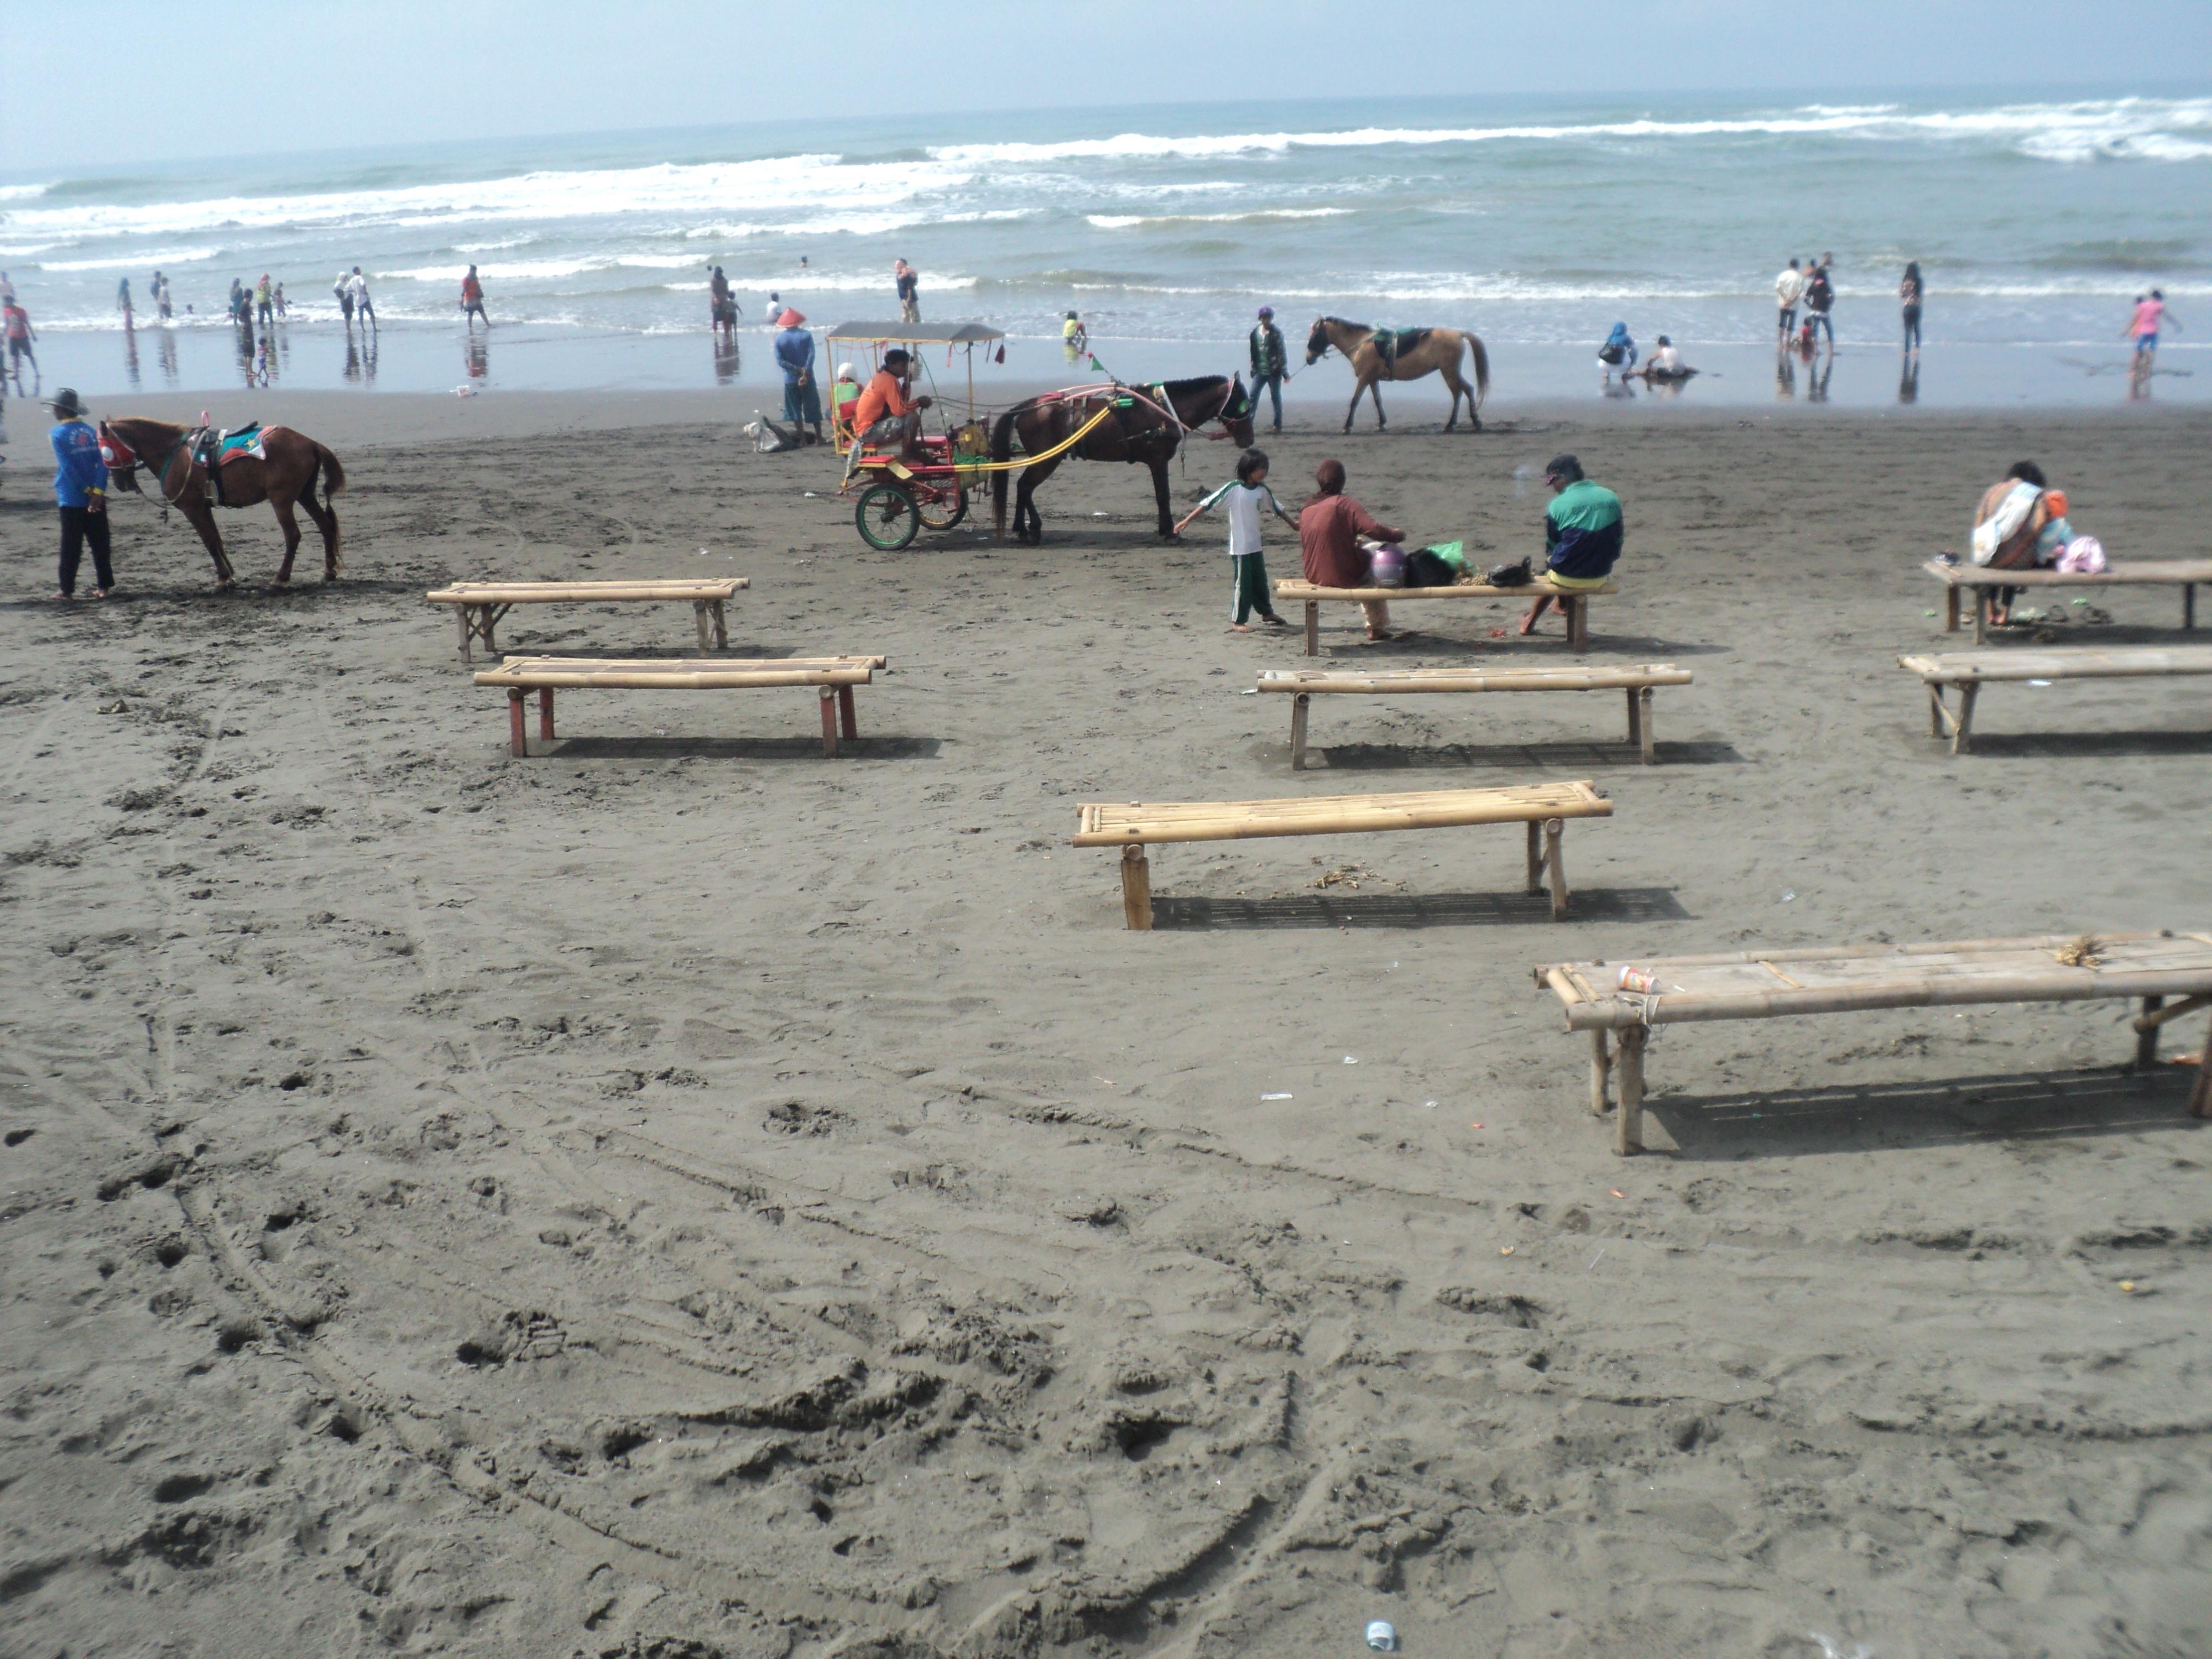 Wisata Pantai Indah Widarapayung Cilacap Muvin Blog Widara Payung Kab